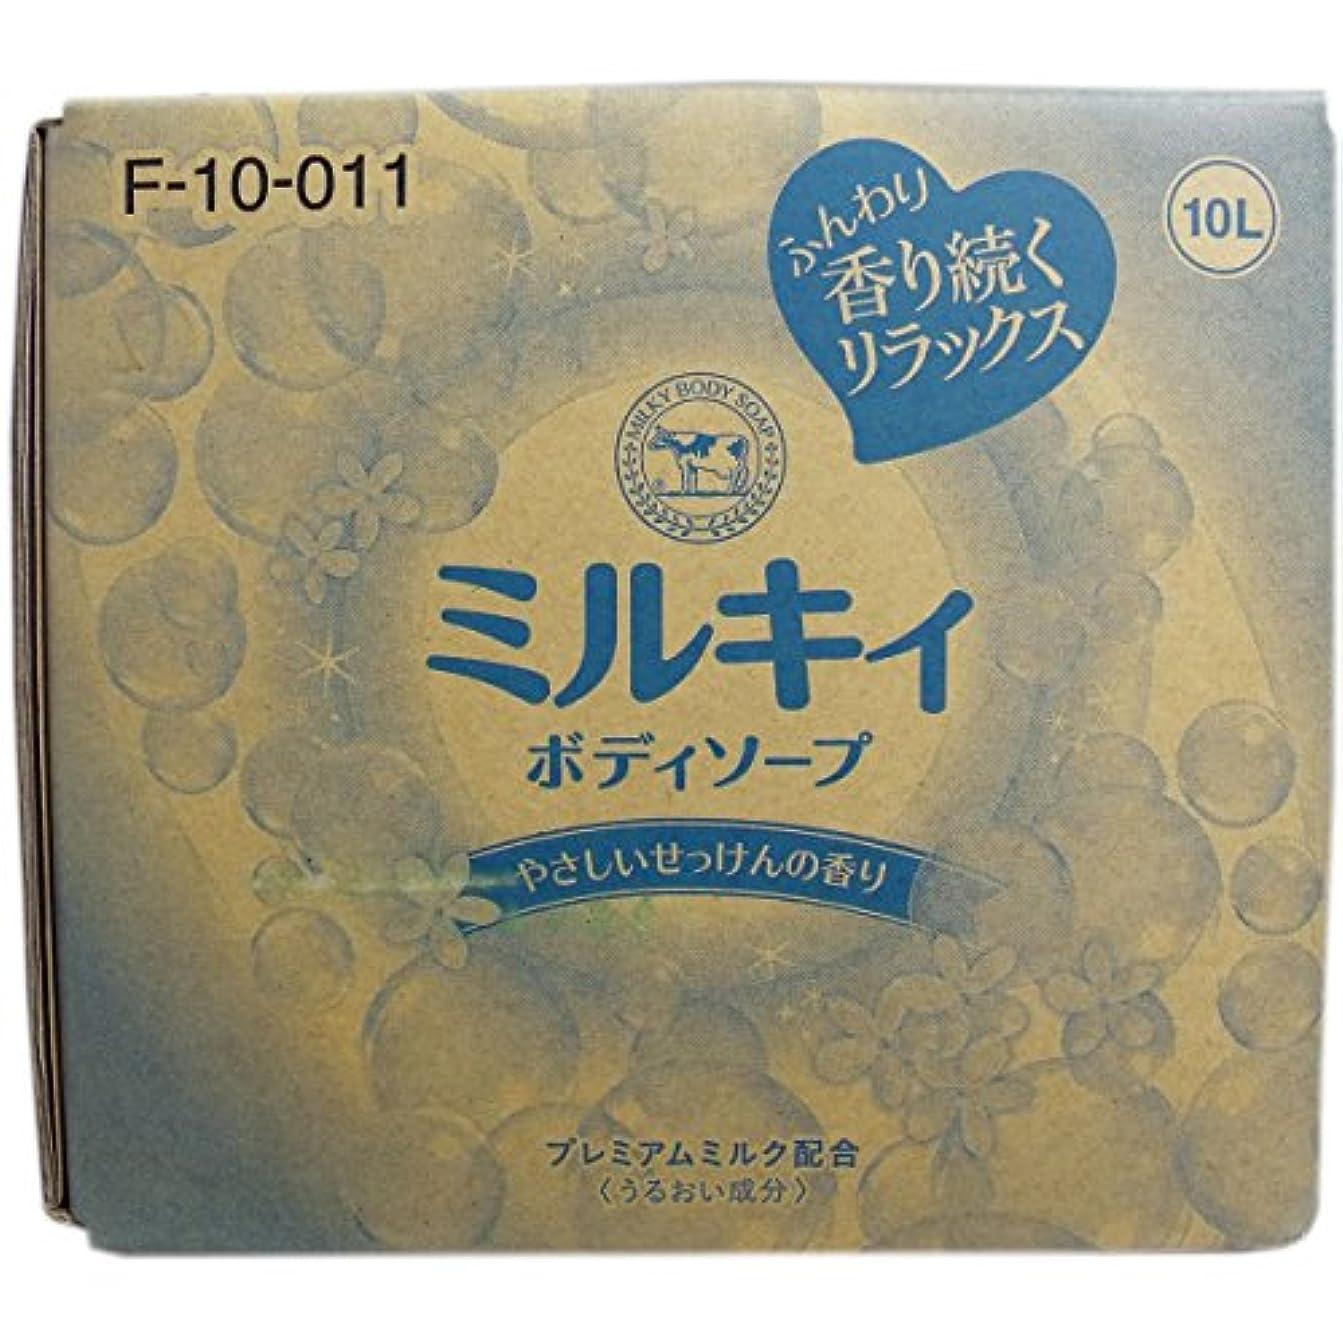 どきどき体荒らす牛乳石鹸 ミルキィボディソープ ミルキィボディソープ 業務用 1個